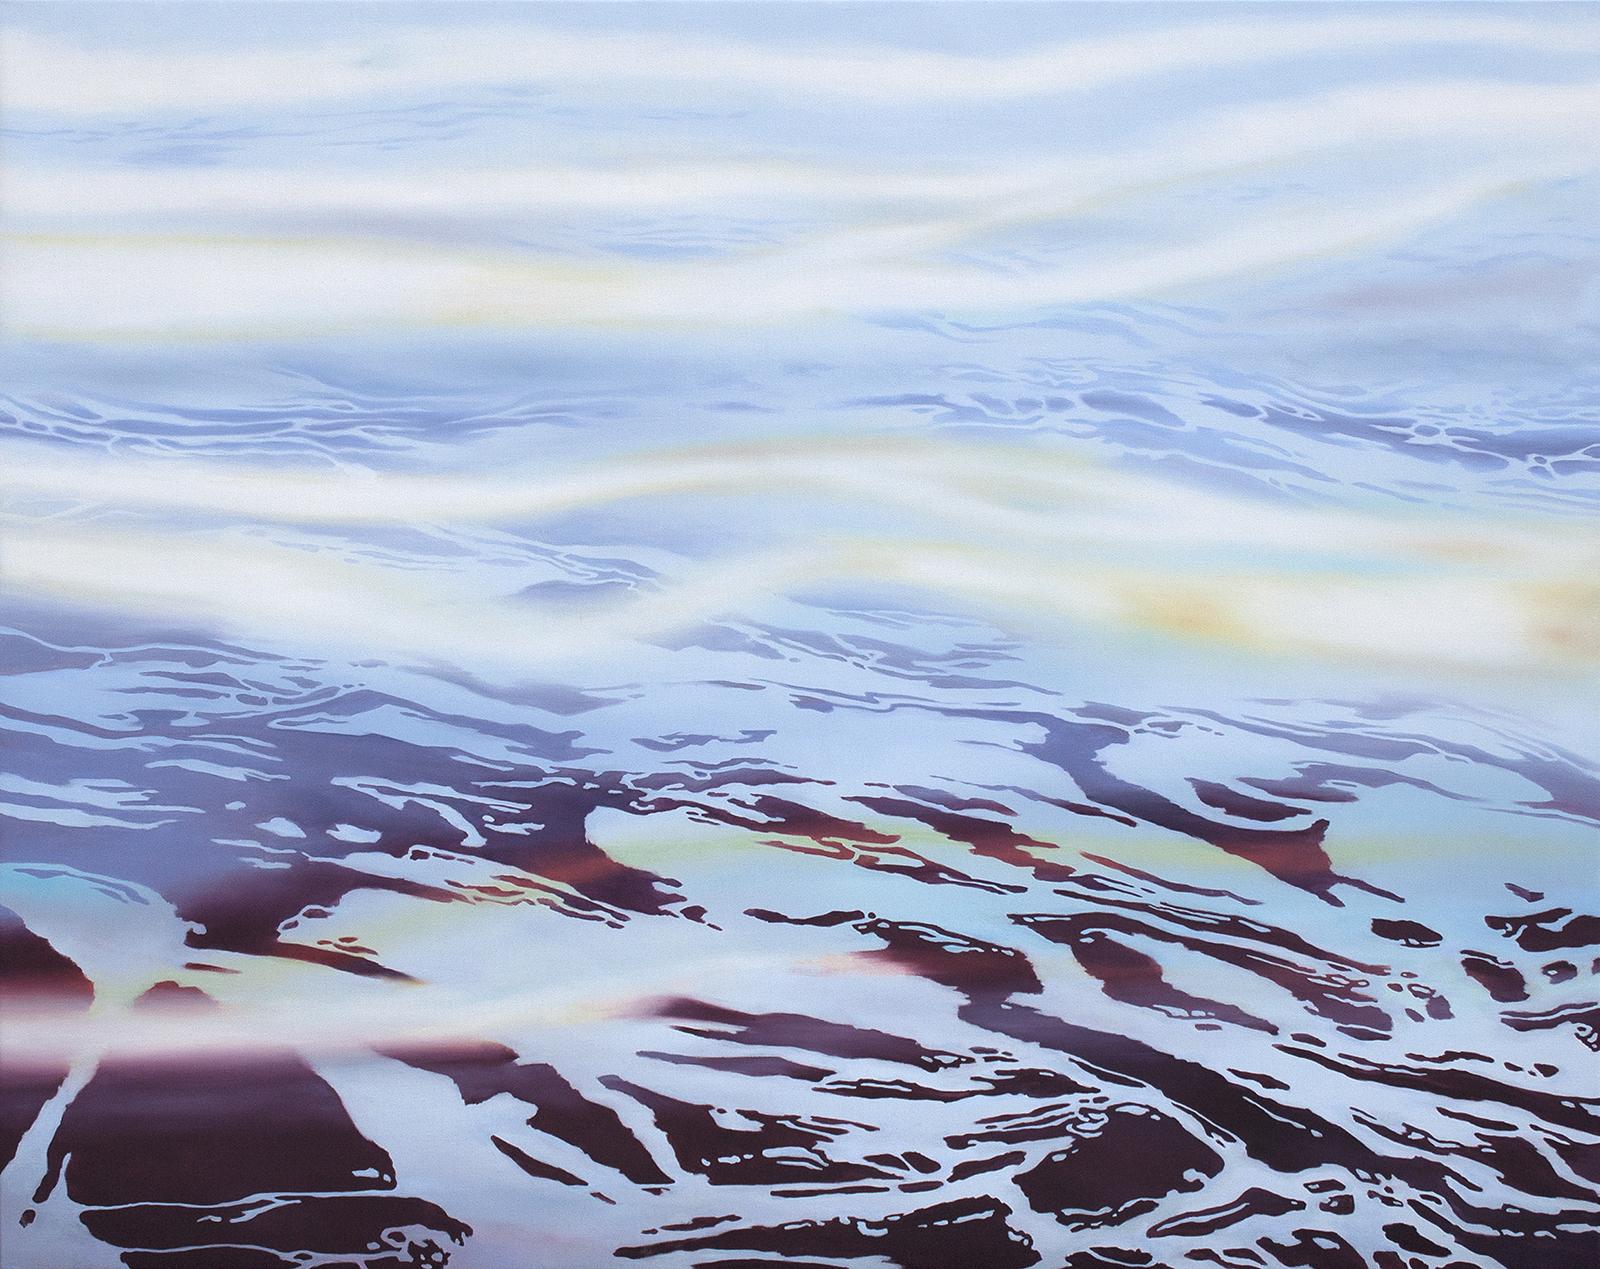 Fernsicht 2013, 120 x 150 cm, Öl auf Leinwand  Clear View 2013